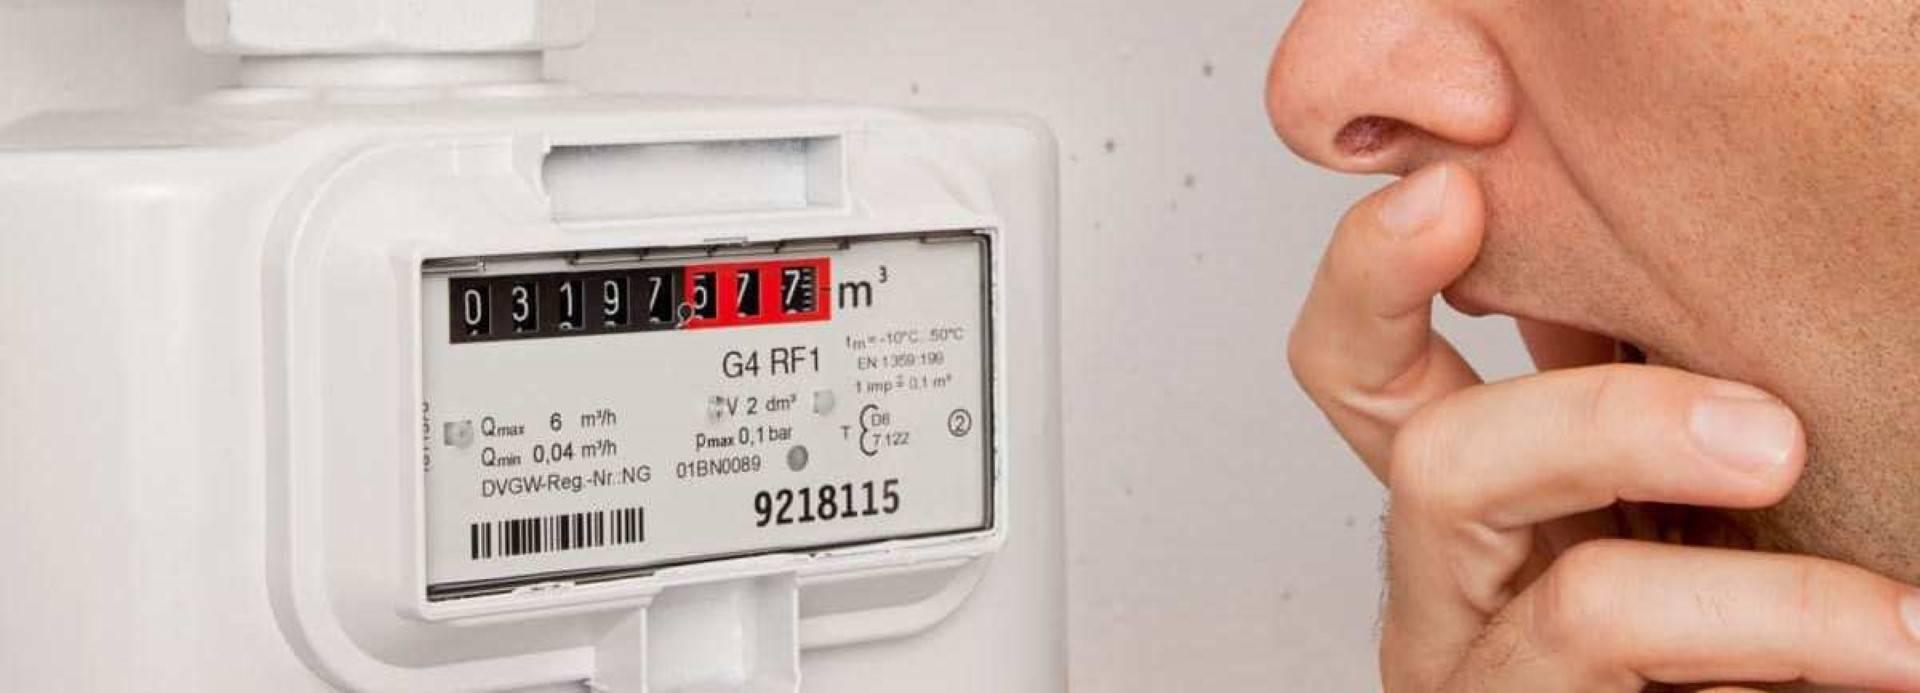 Поверка газовых счетчиков: делают ли ее в дому или в квартире без снятия, как проходит и сколько стоит процедура